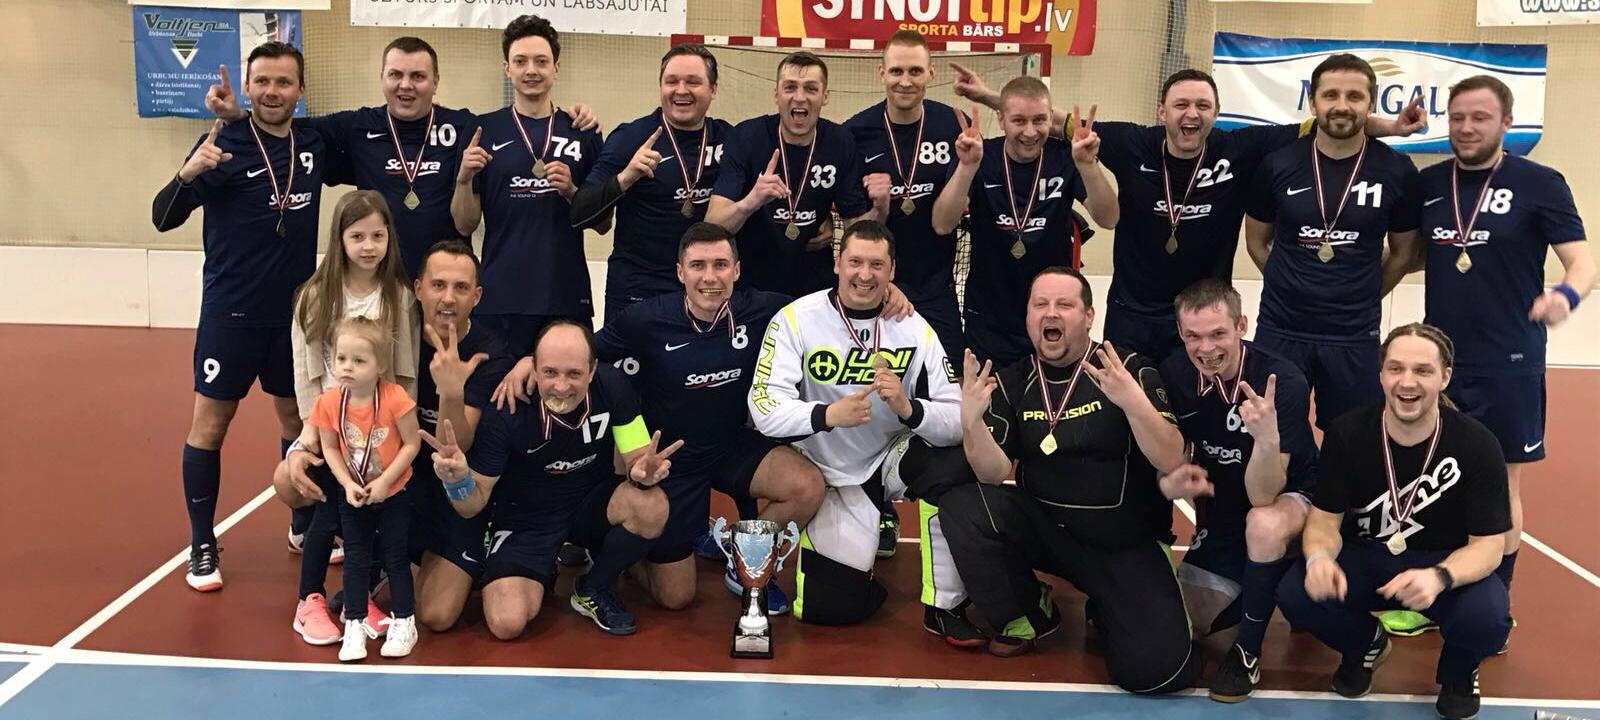 L'équipe de floorball gagne une fois de plus le championnat